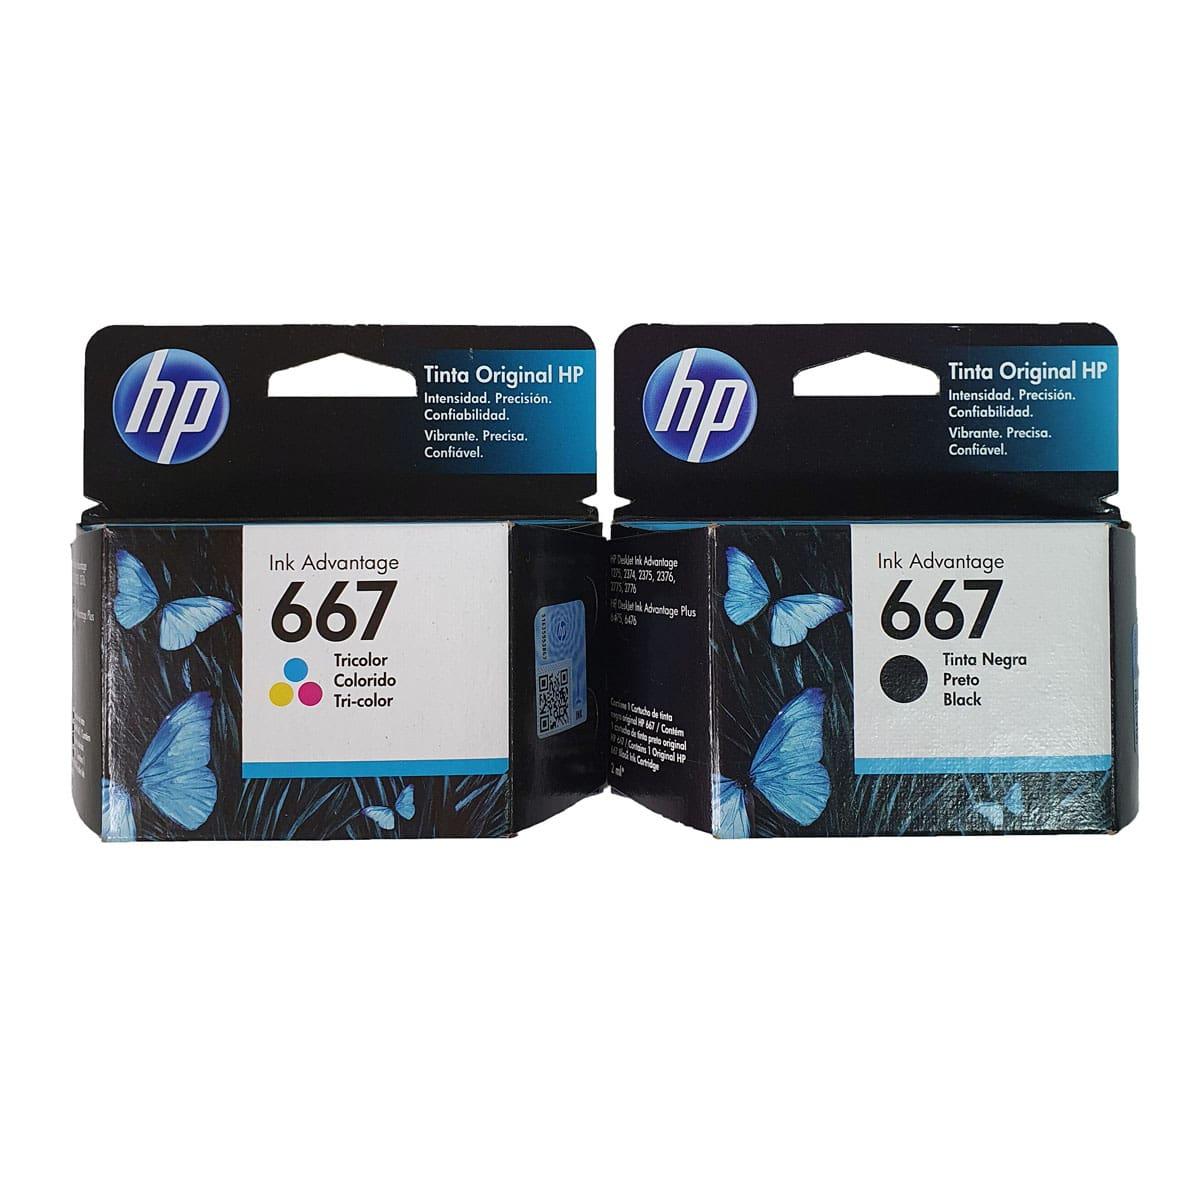 Kit Cartuchos de Tinta HP Ink Advantage 667 - Preto + Colorido